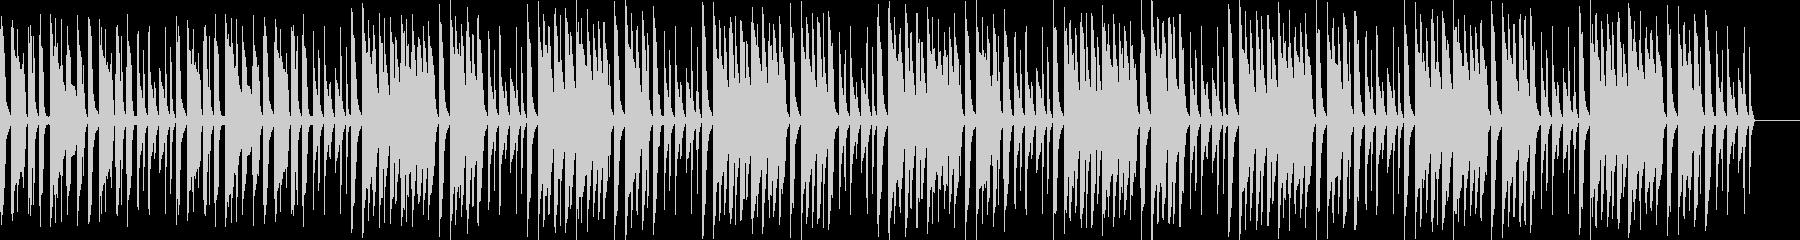 ほのぼのした雰囲気のメニュー画面BGMの未再生の波形